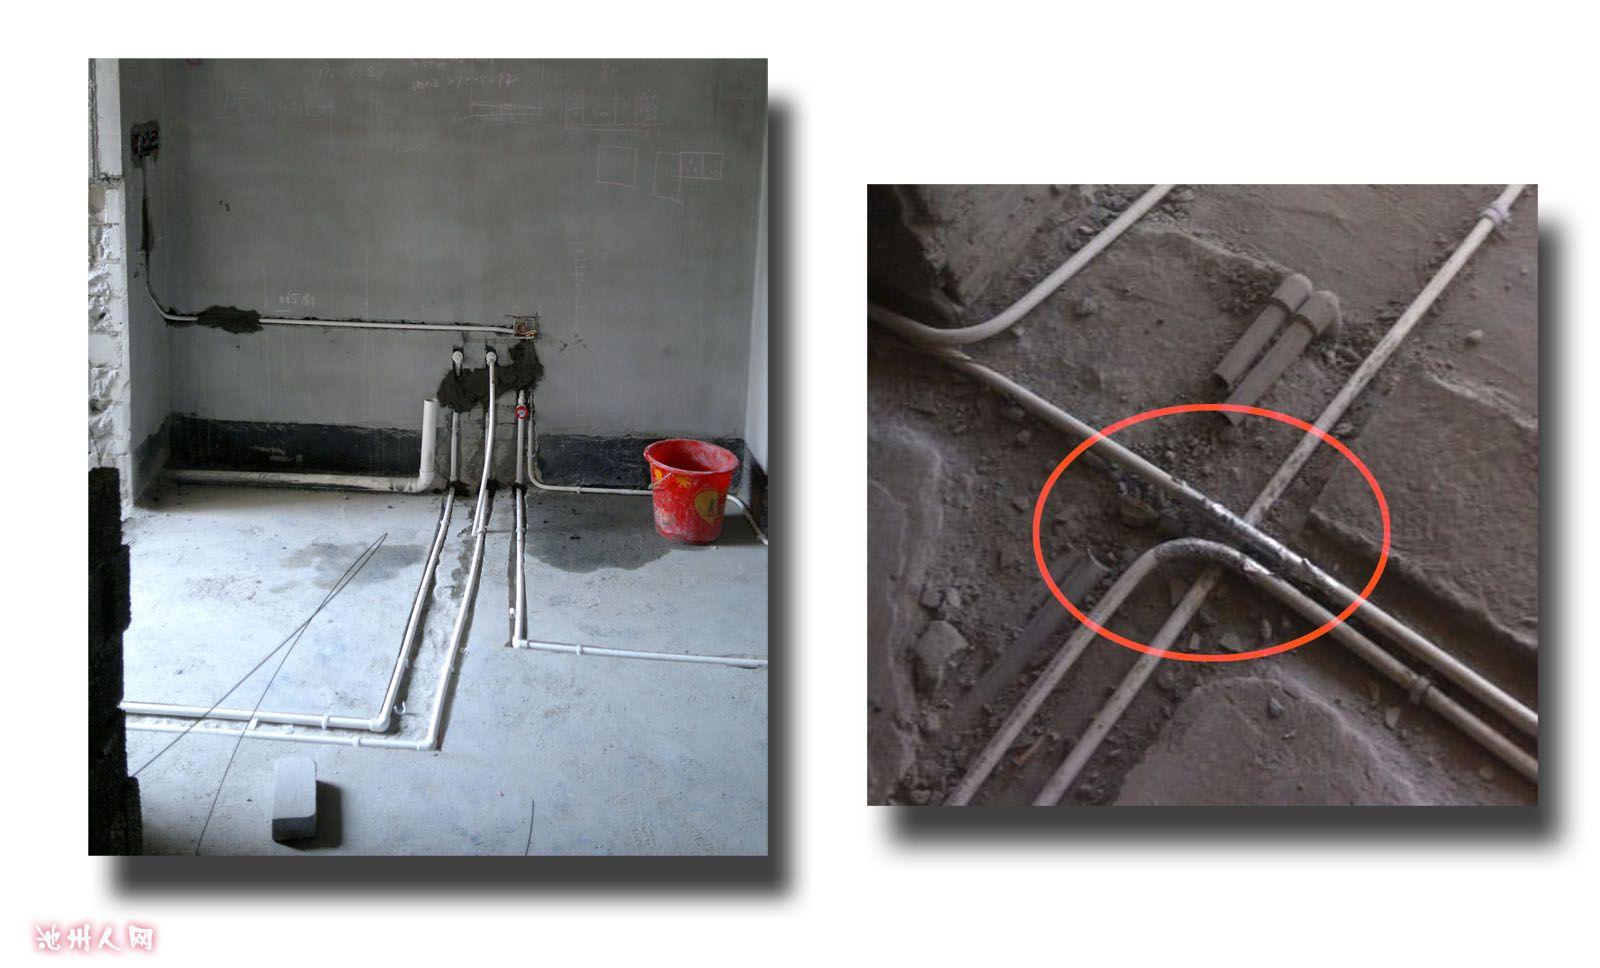 即没有把马桶排污管,水槽下水管的管口封闭起来